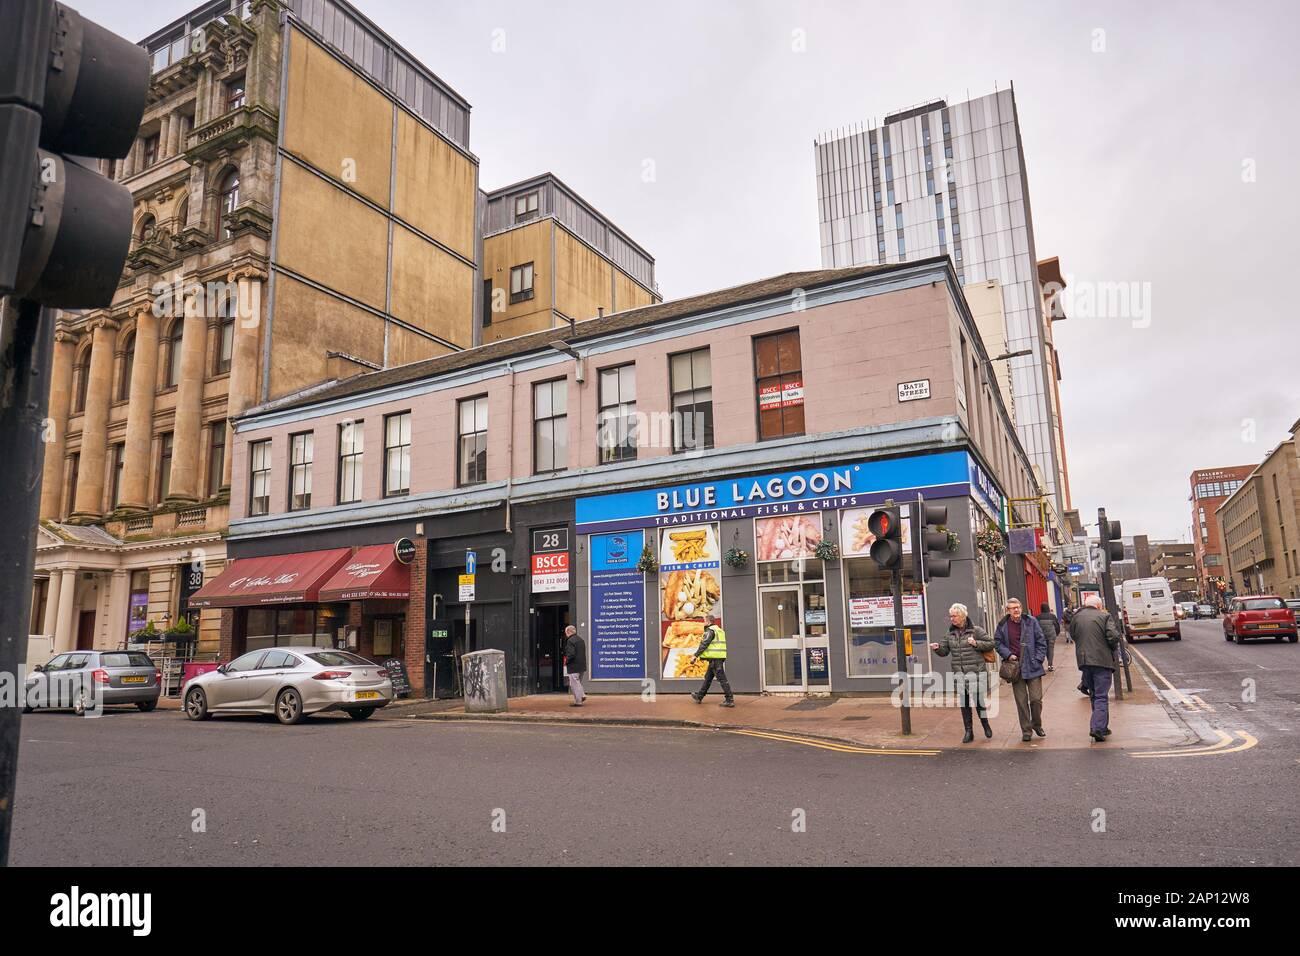 Le plus ancien restaurant italien de Glasgow, l'un des plus anciens pubs de la ville et la célèbre Chippy Blue Lagoon sont à proximité. Banque D'Images